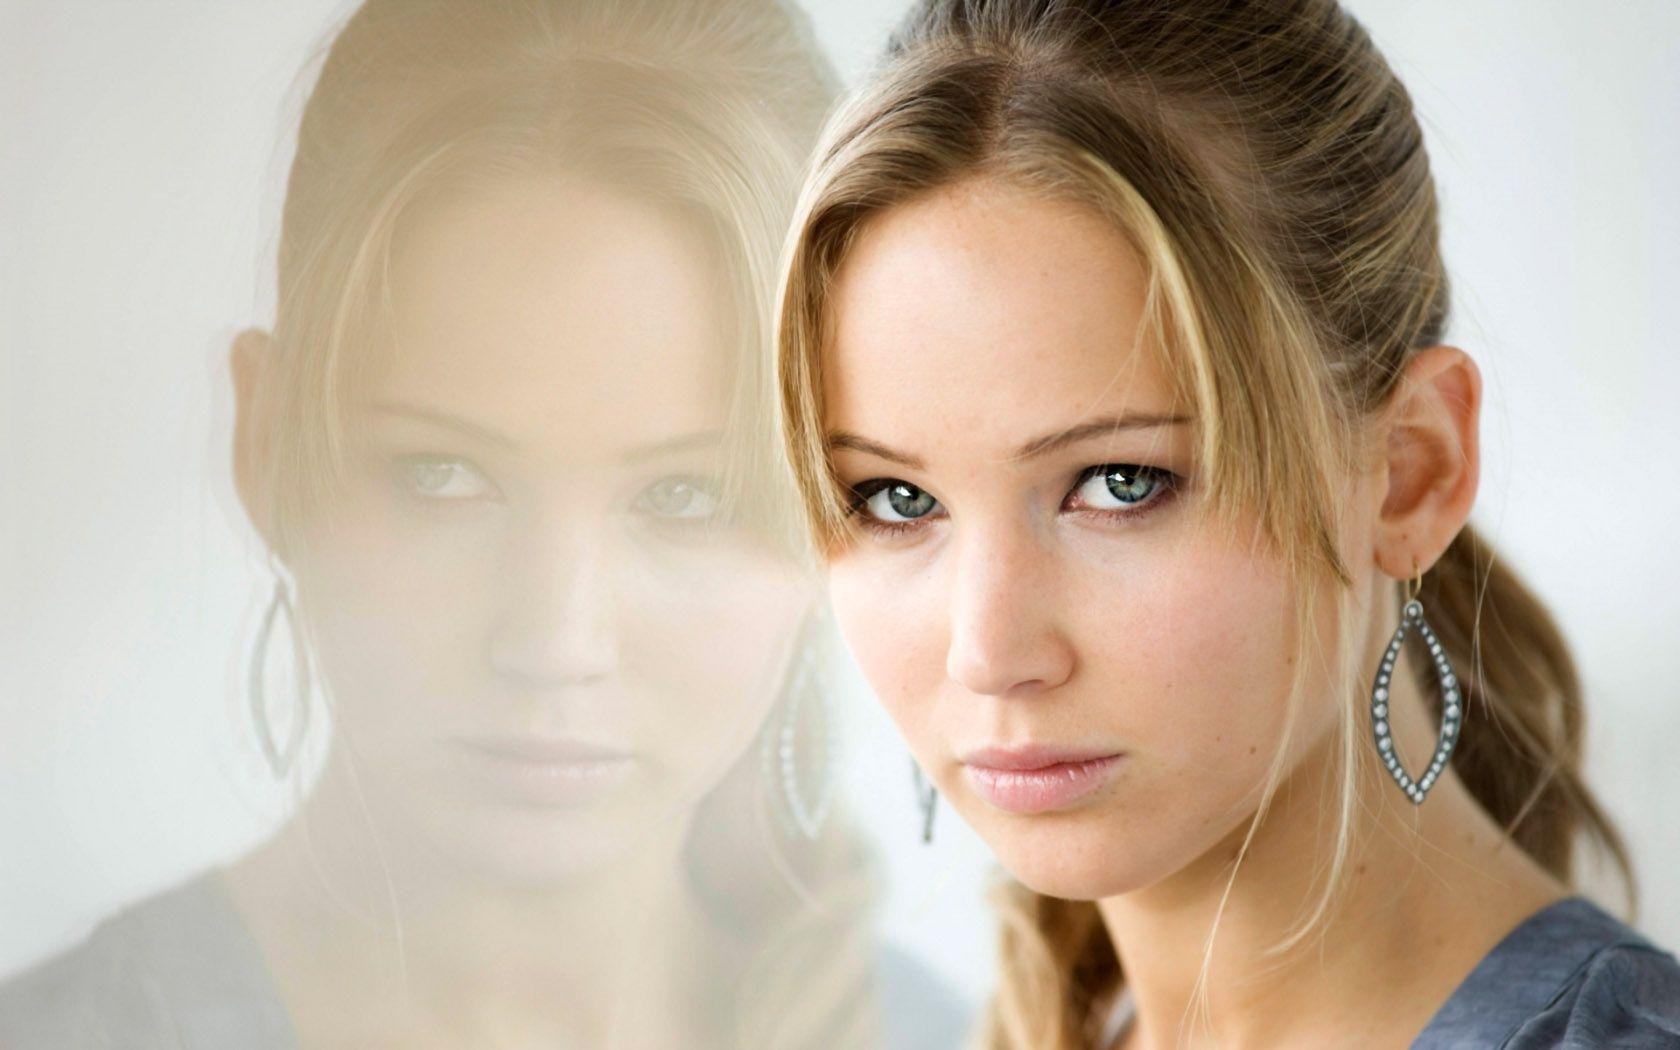 Jennifer Lawrence Wallpaper 54 Backgrounds | Wallruru.